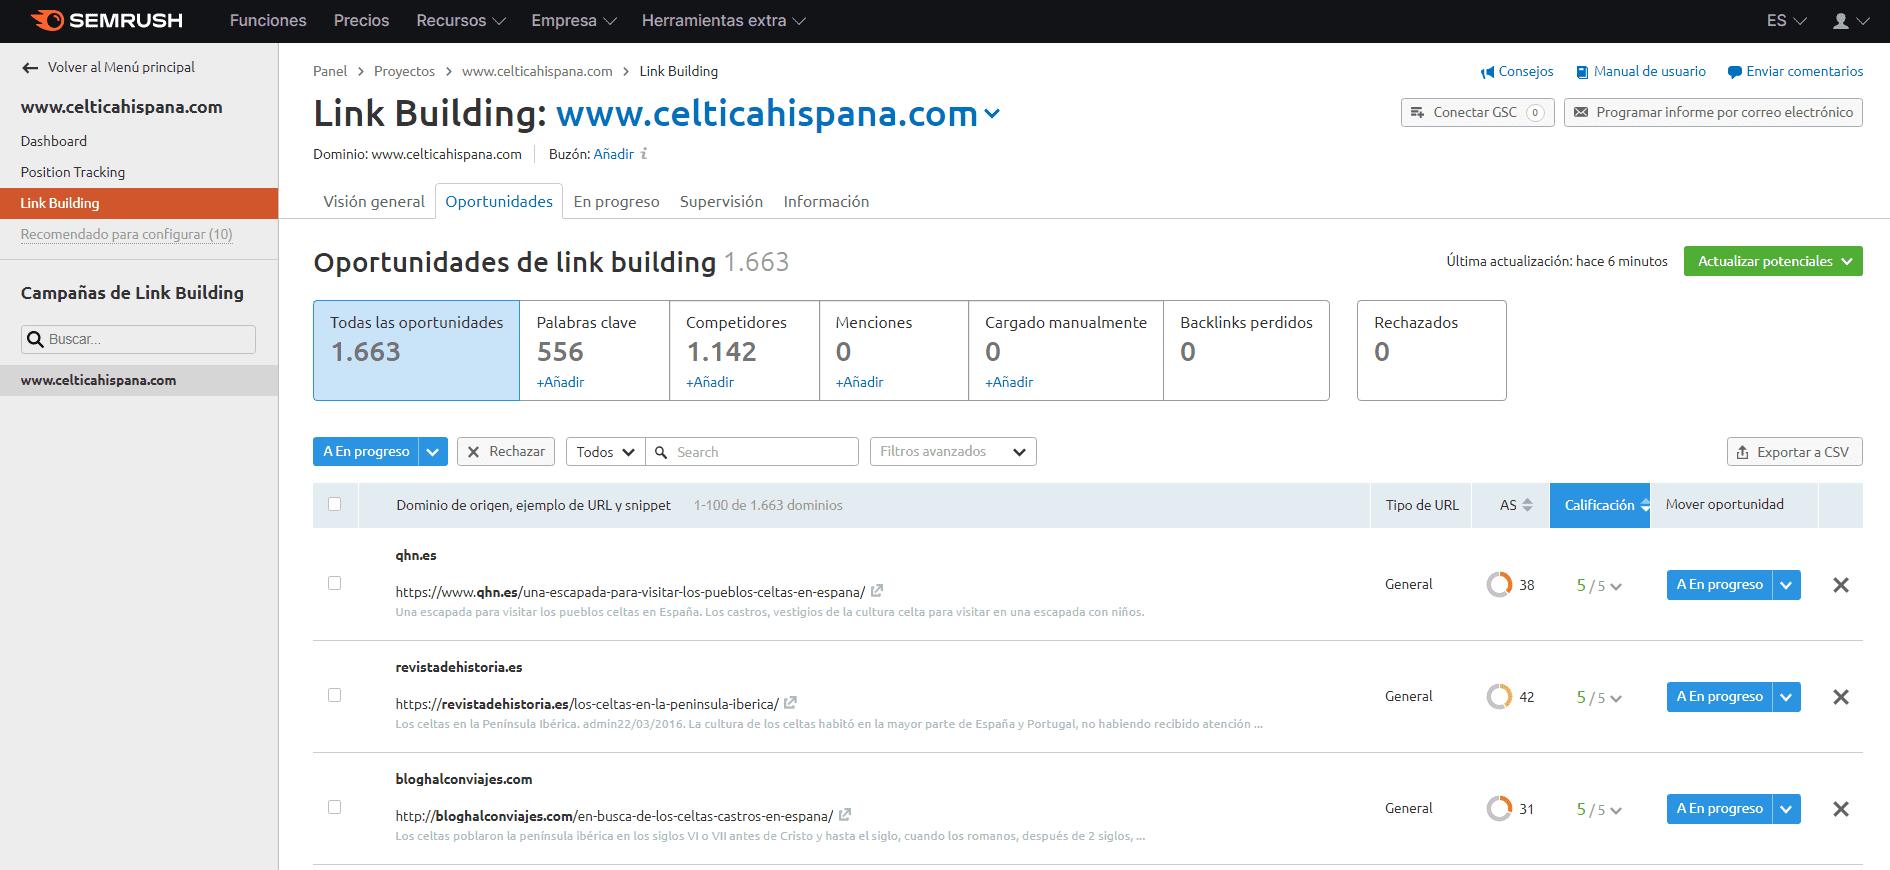 link building oportunidades